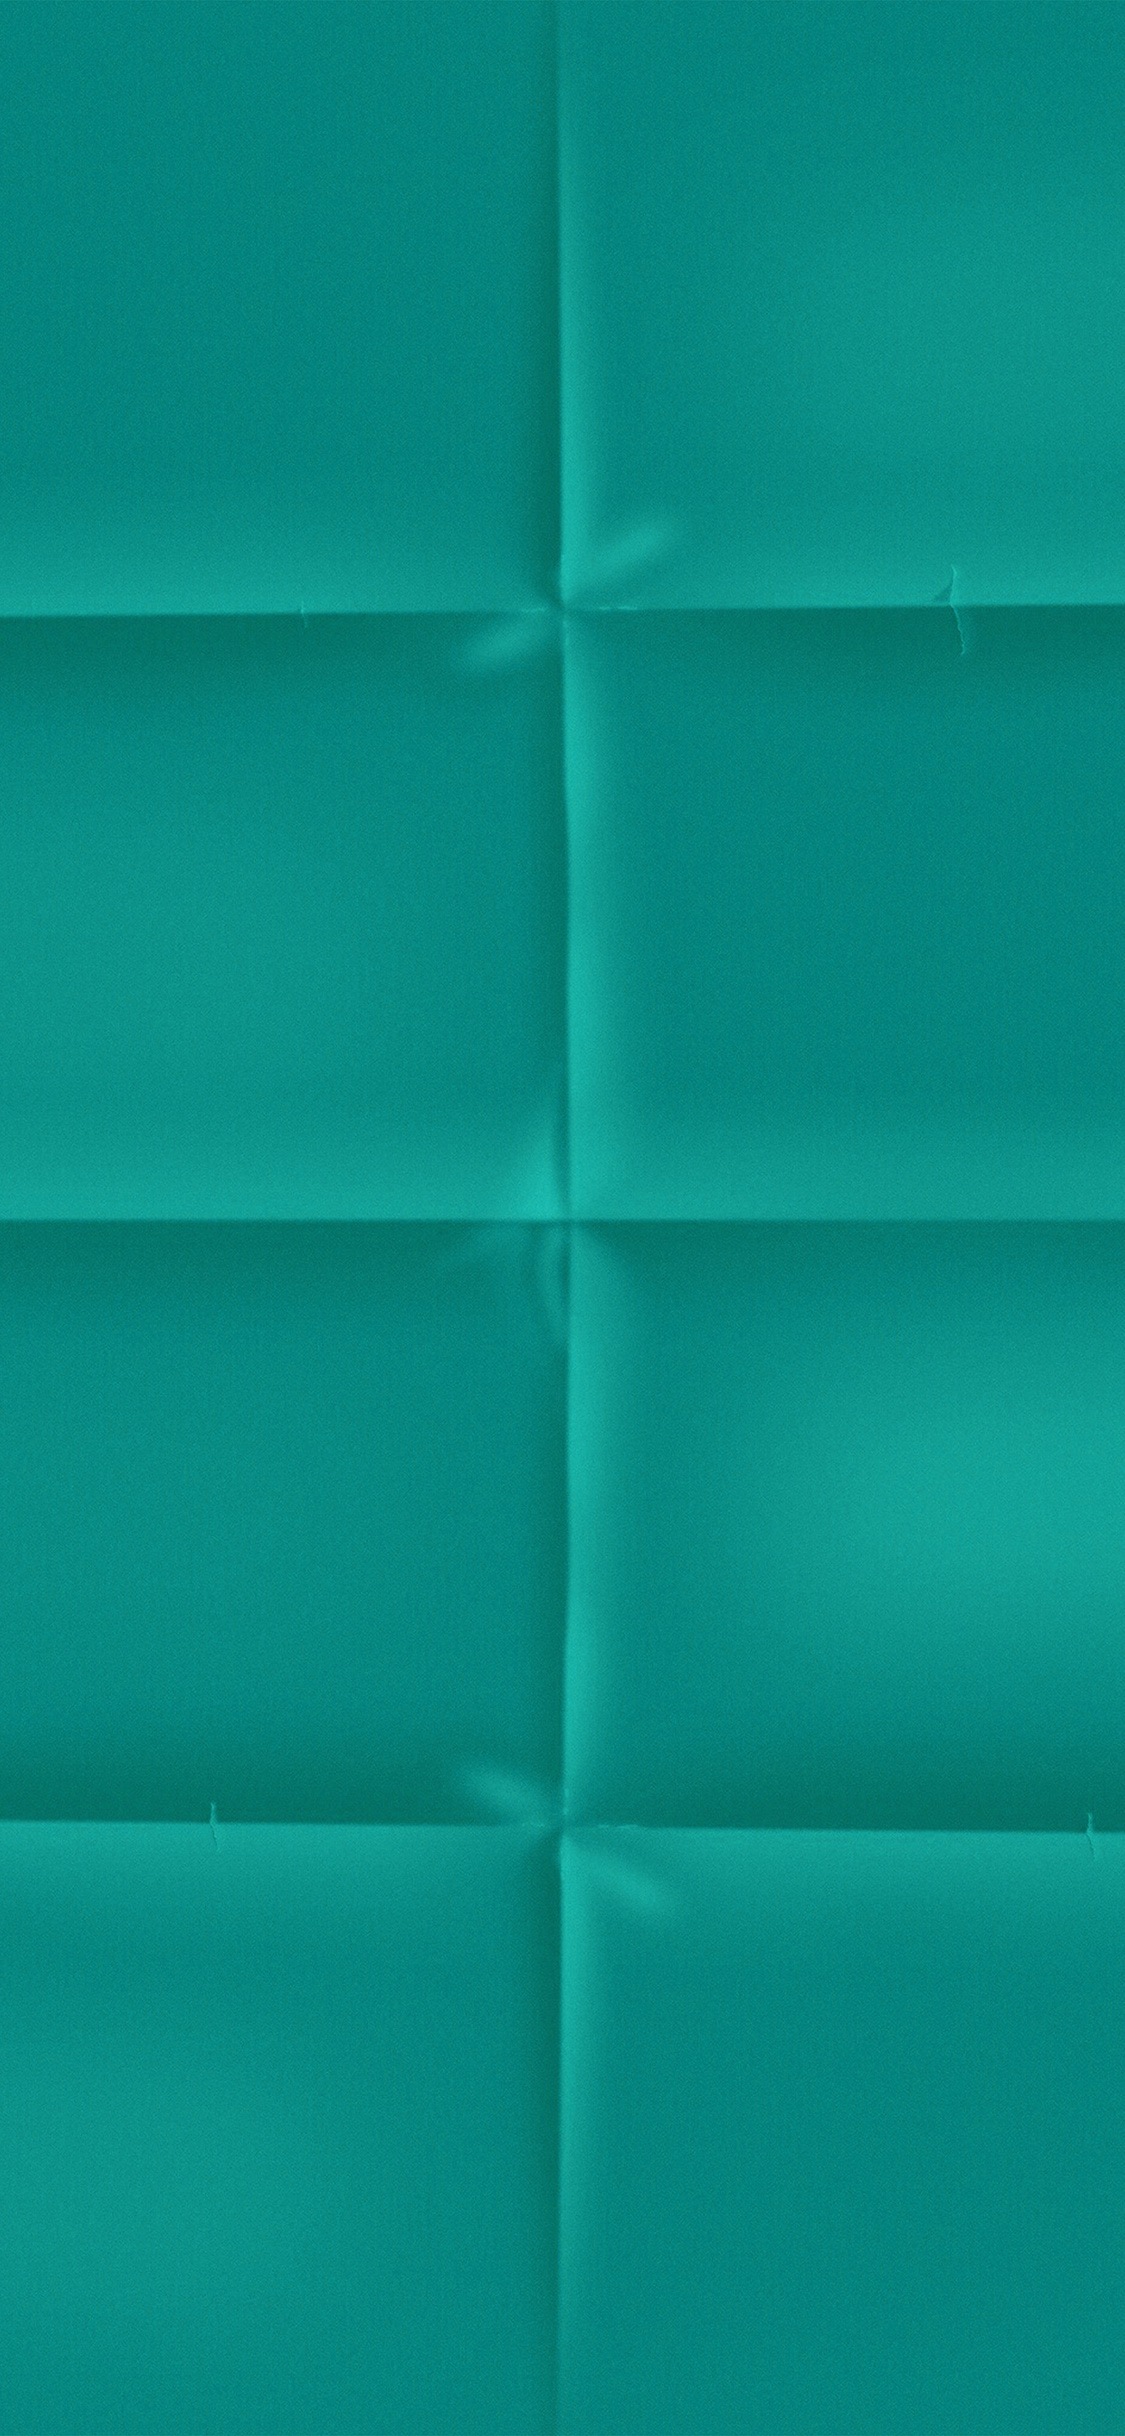 iPhonexpapers.com-Apple-iPhone-wallpaper-vu11-blue-green-texture-paper-pattern